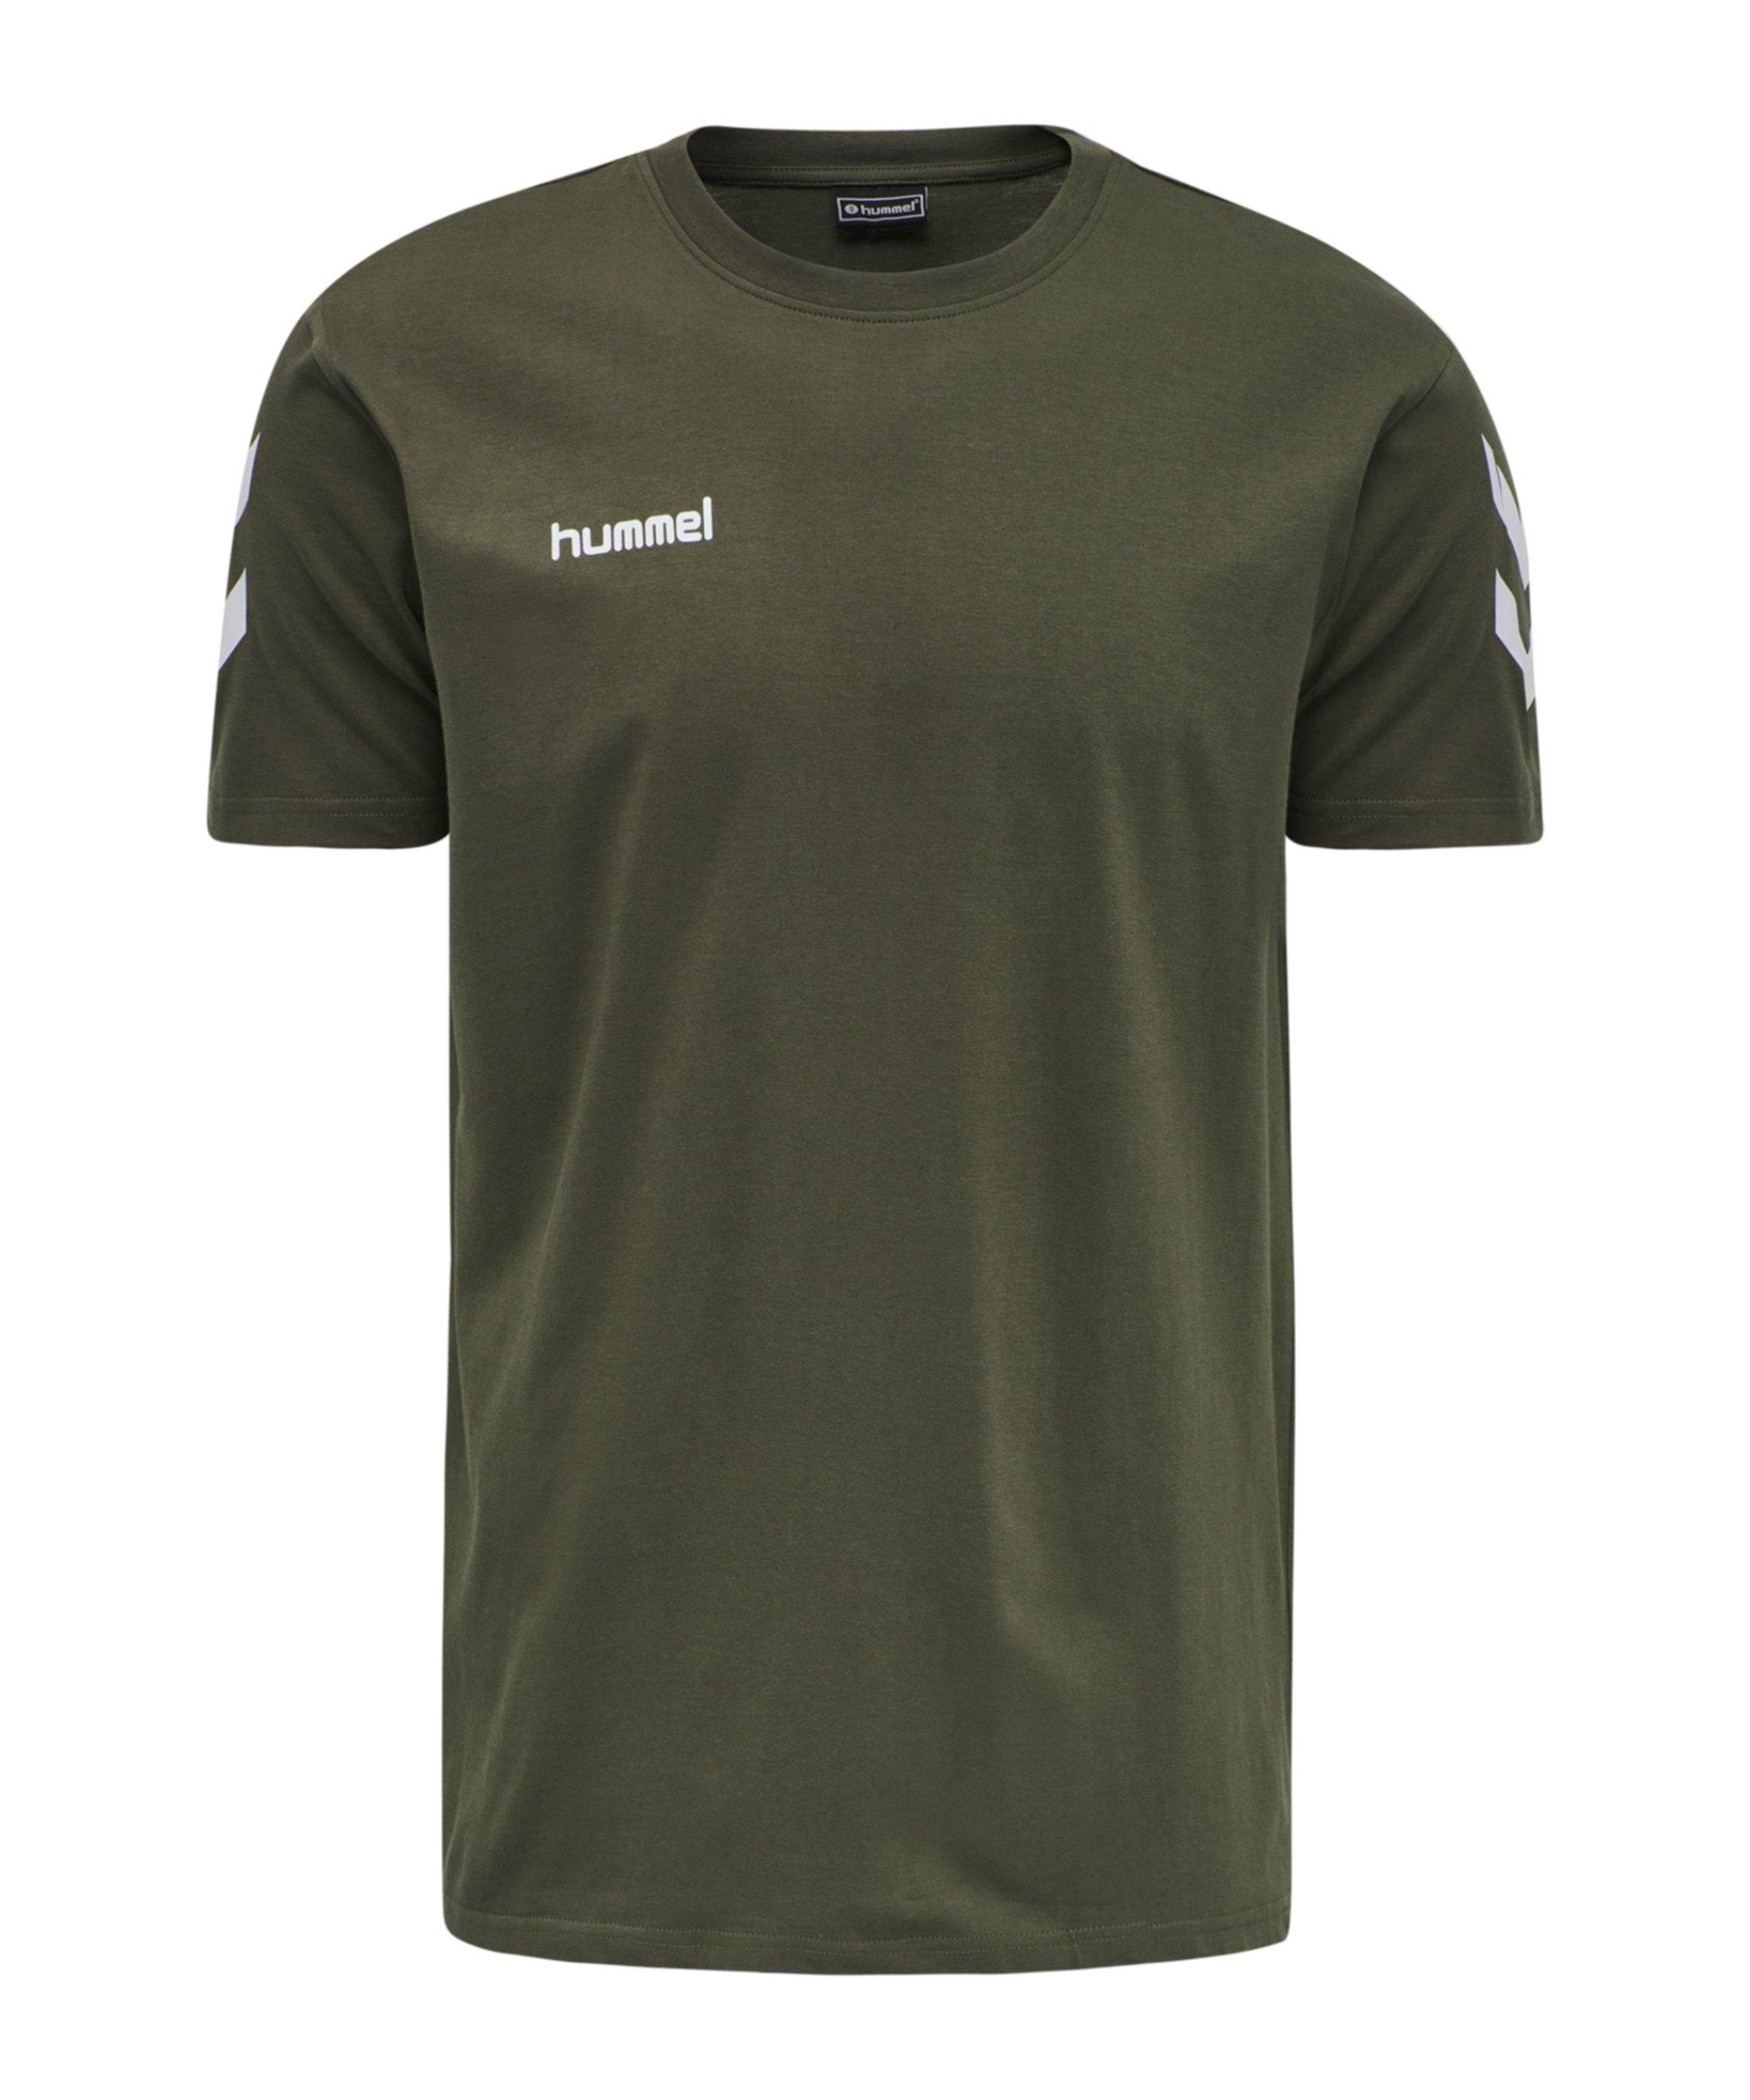 Hummel Cotton T-Shirt Grün F6084 - gruen